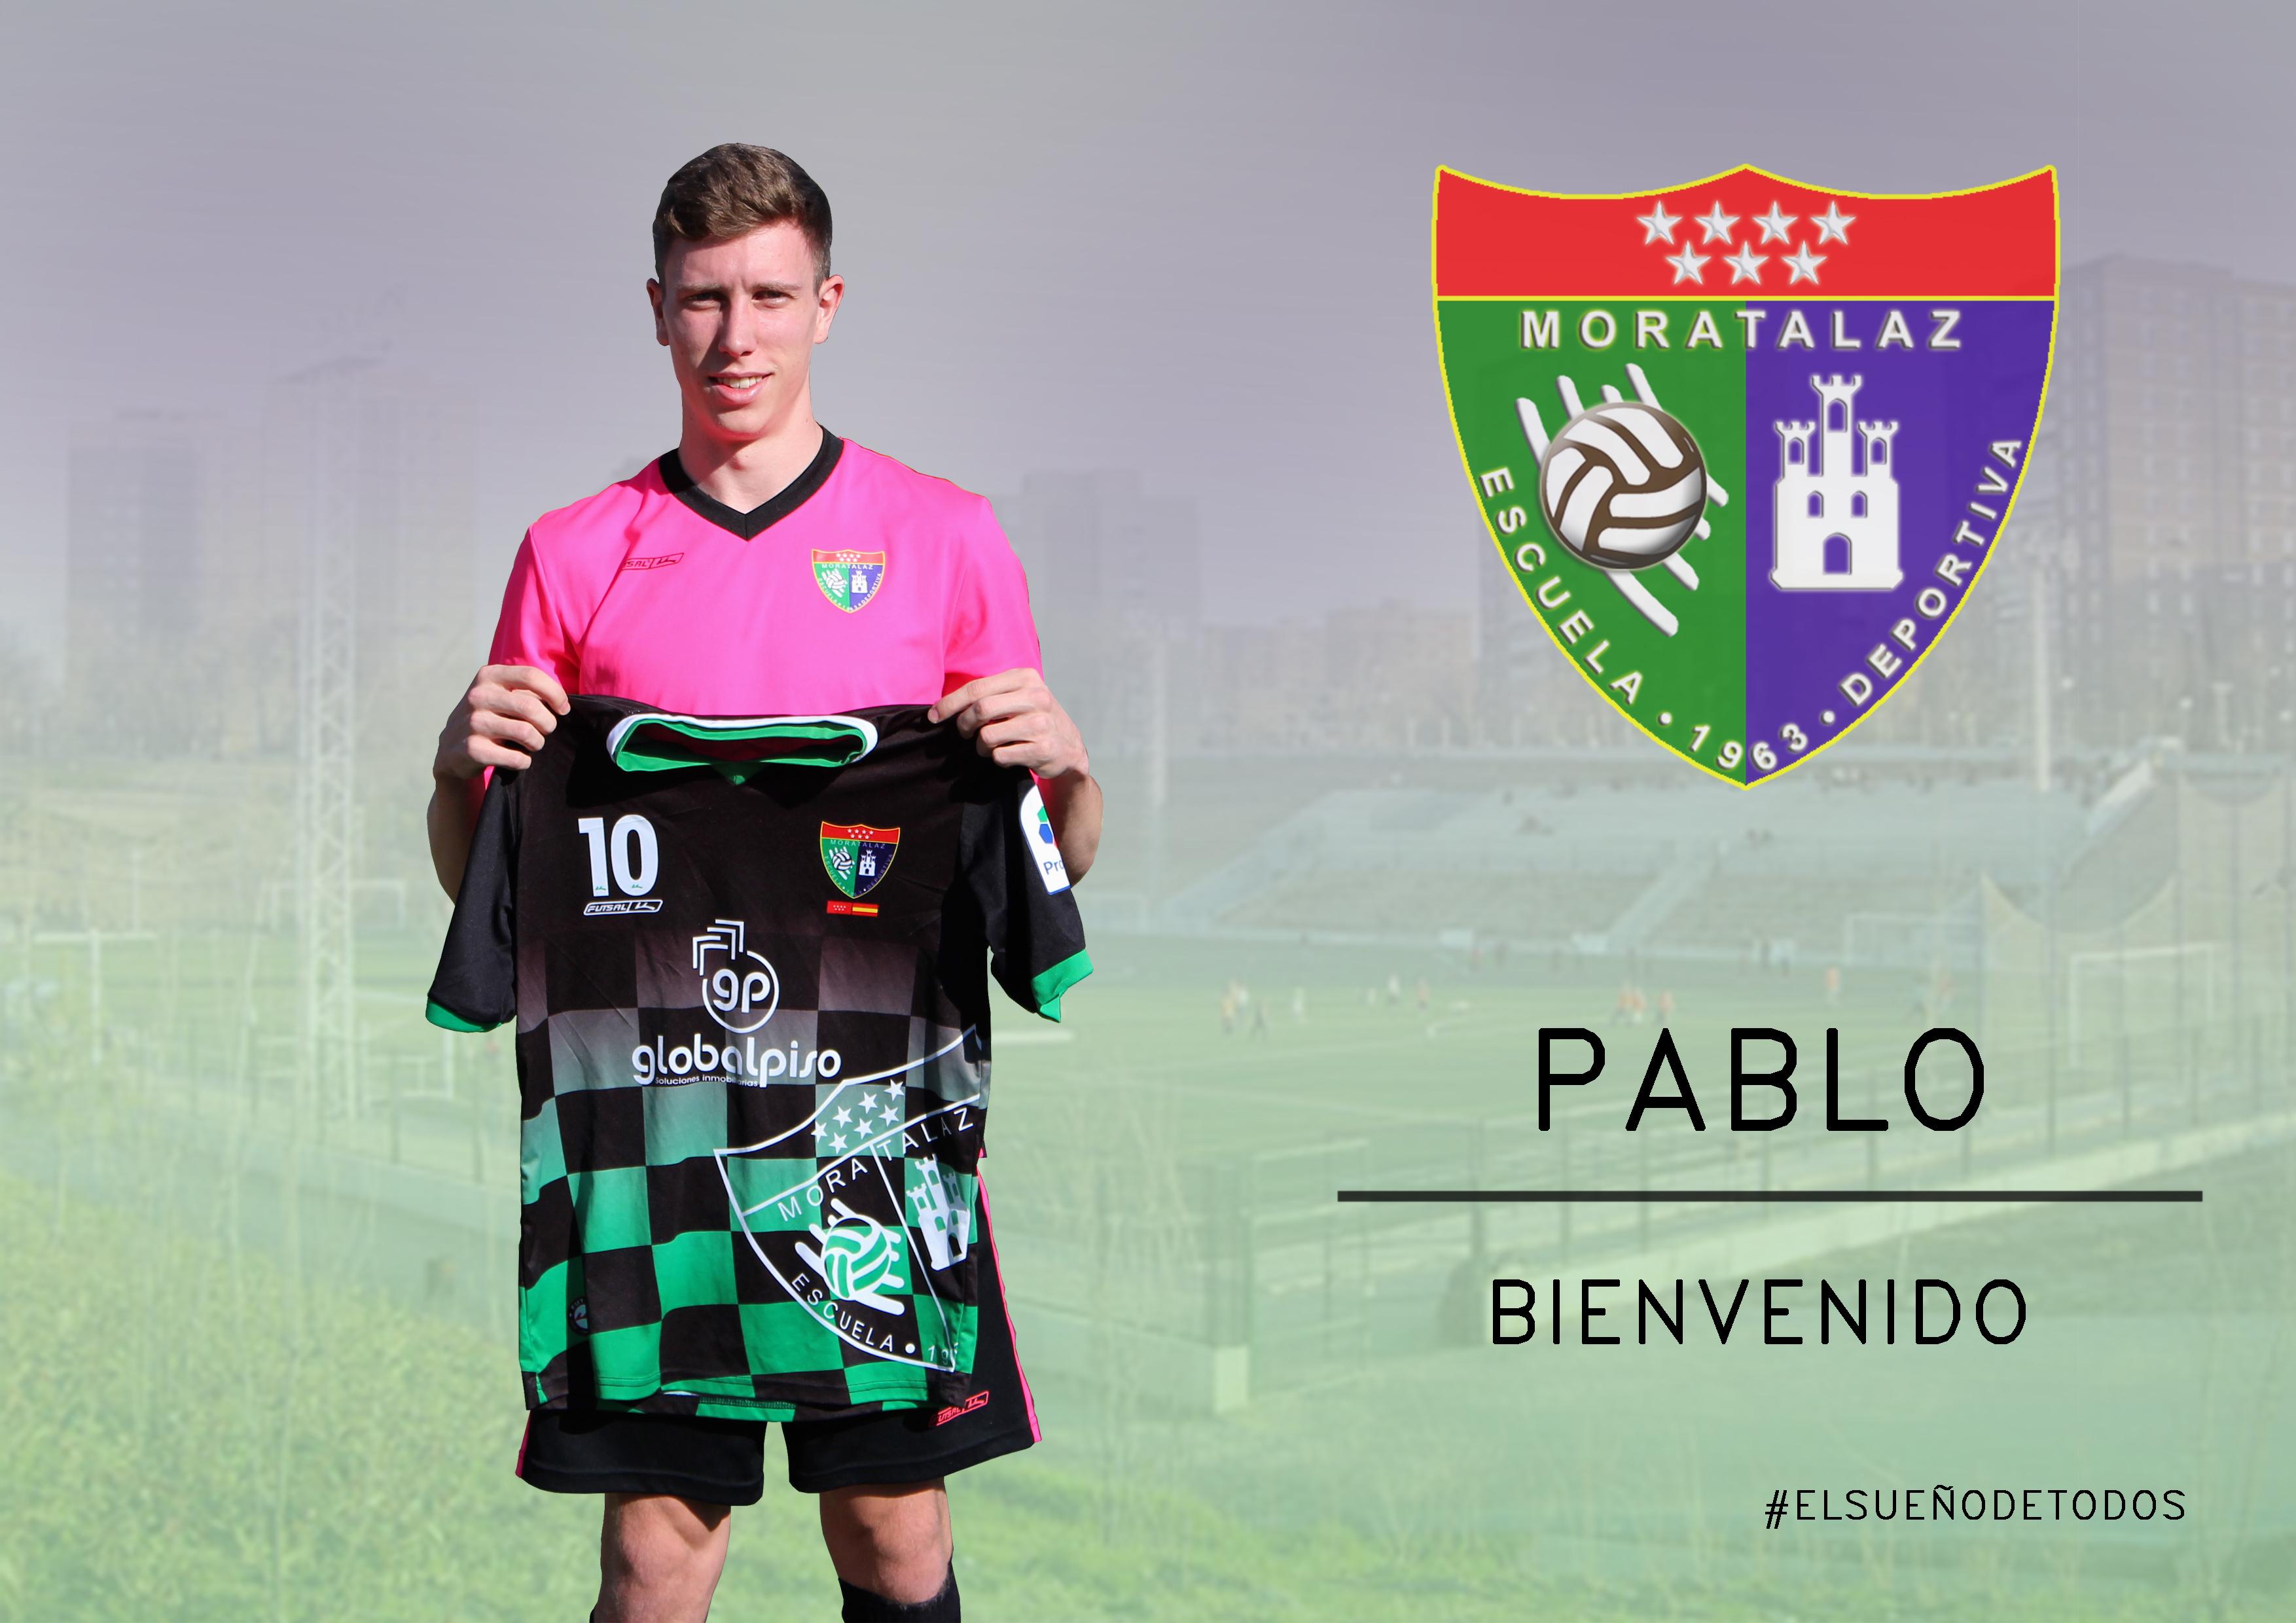 Oficial: Pablo, nuevo jugador de la EDM